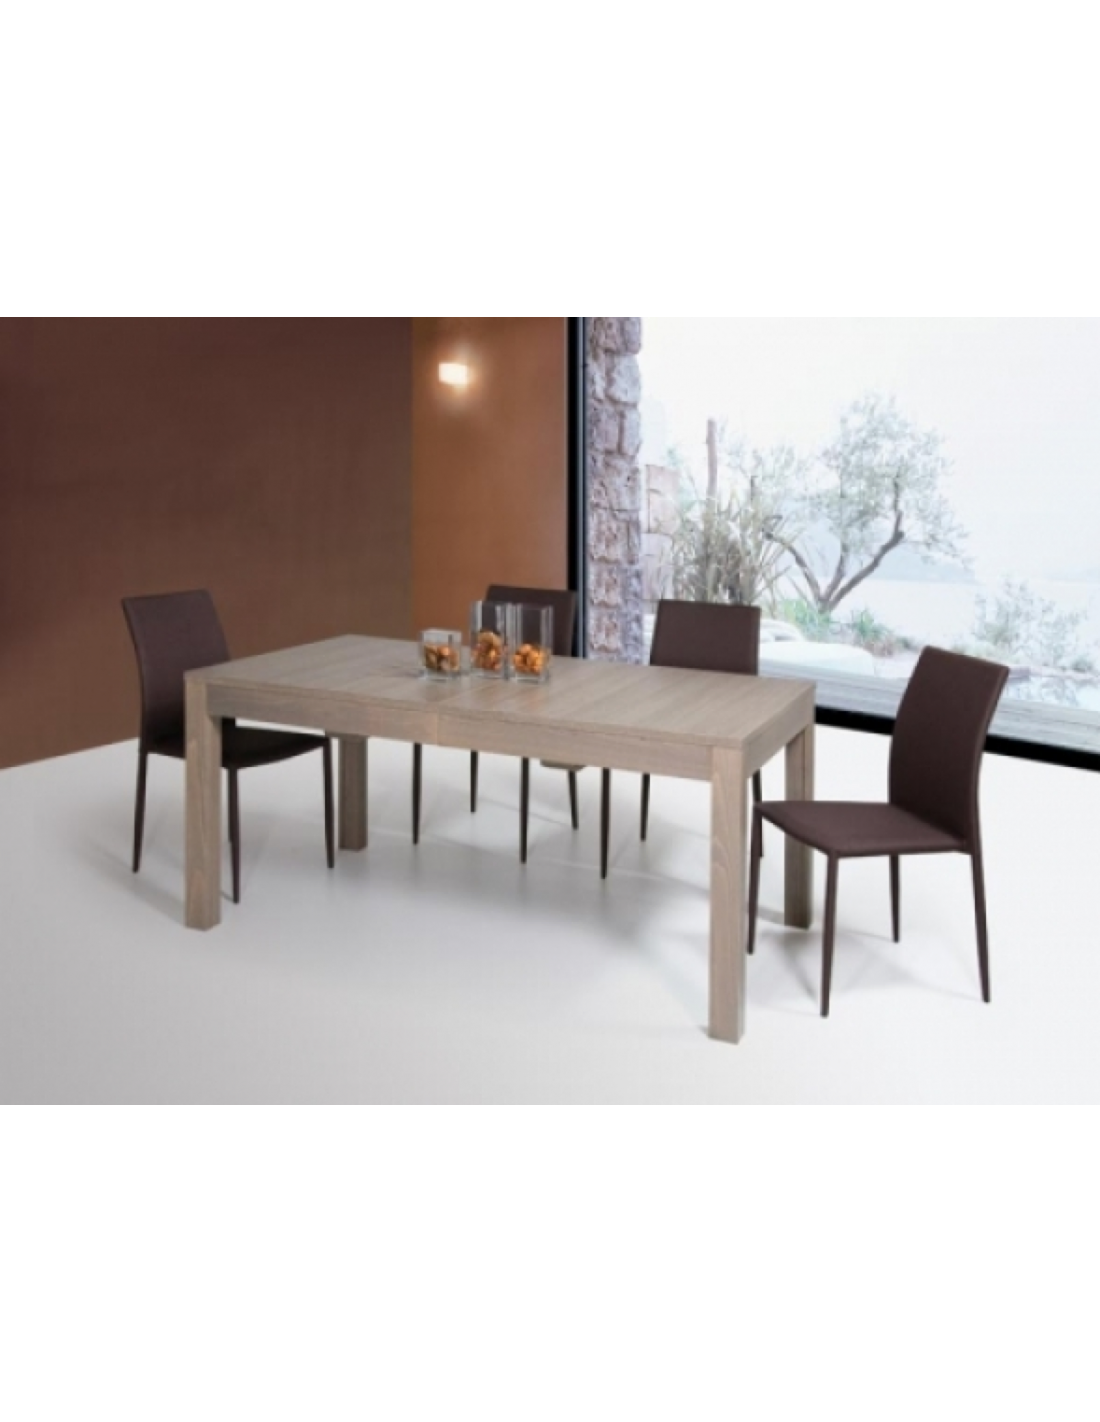 Tavolo rettangolare allungabile 160x90 cm art 1145 for Tavolo rettangolare allungabile